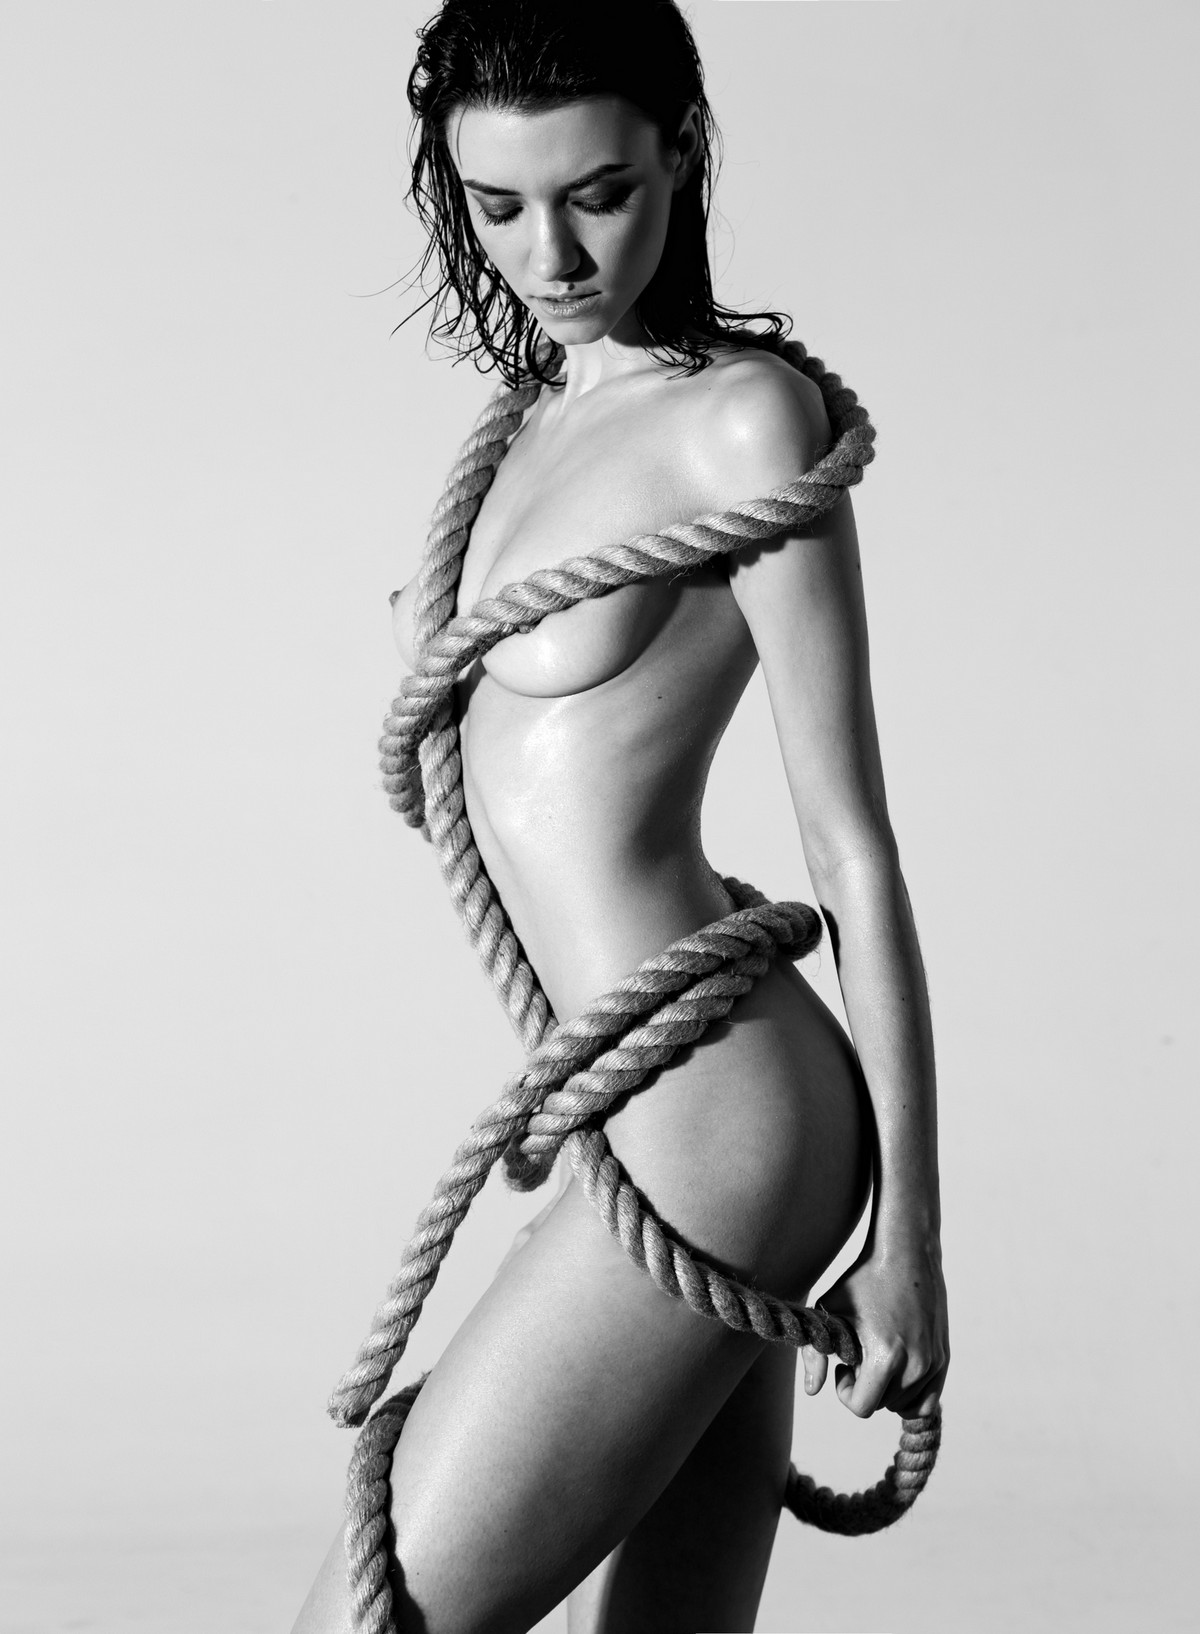 Снимки в жанре «Ню» Александра Изюмова фотография,чувственность